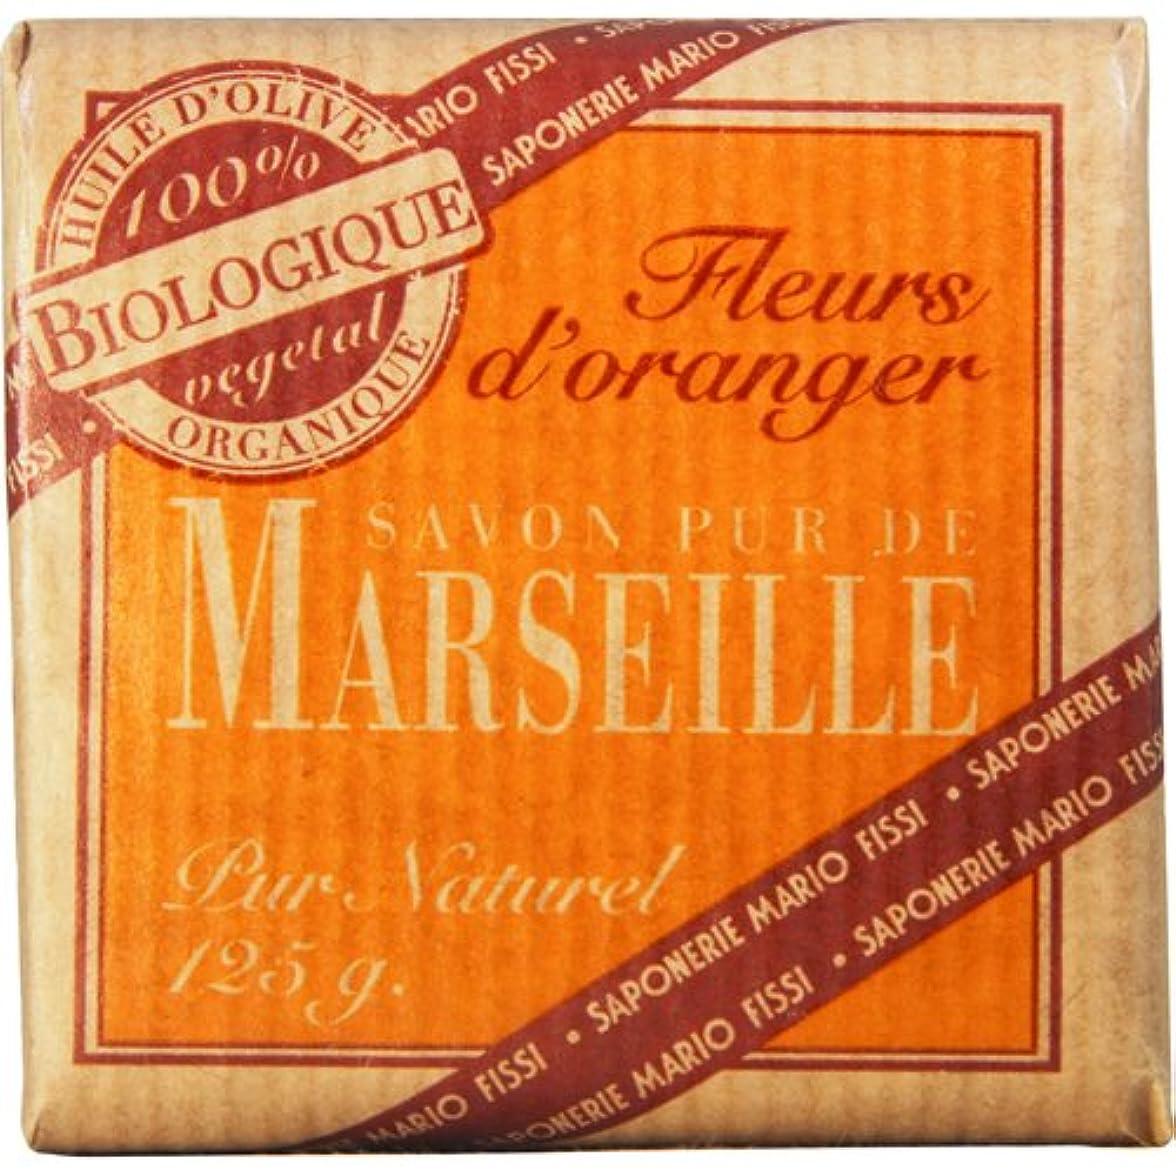 部族推定するリア王Saponerire Fissi マルセイユシリーズ マルセイユソープ 125g Orange Flower オレンジフラワー